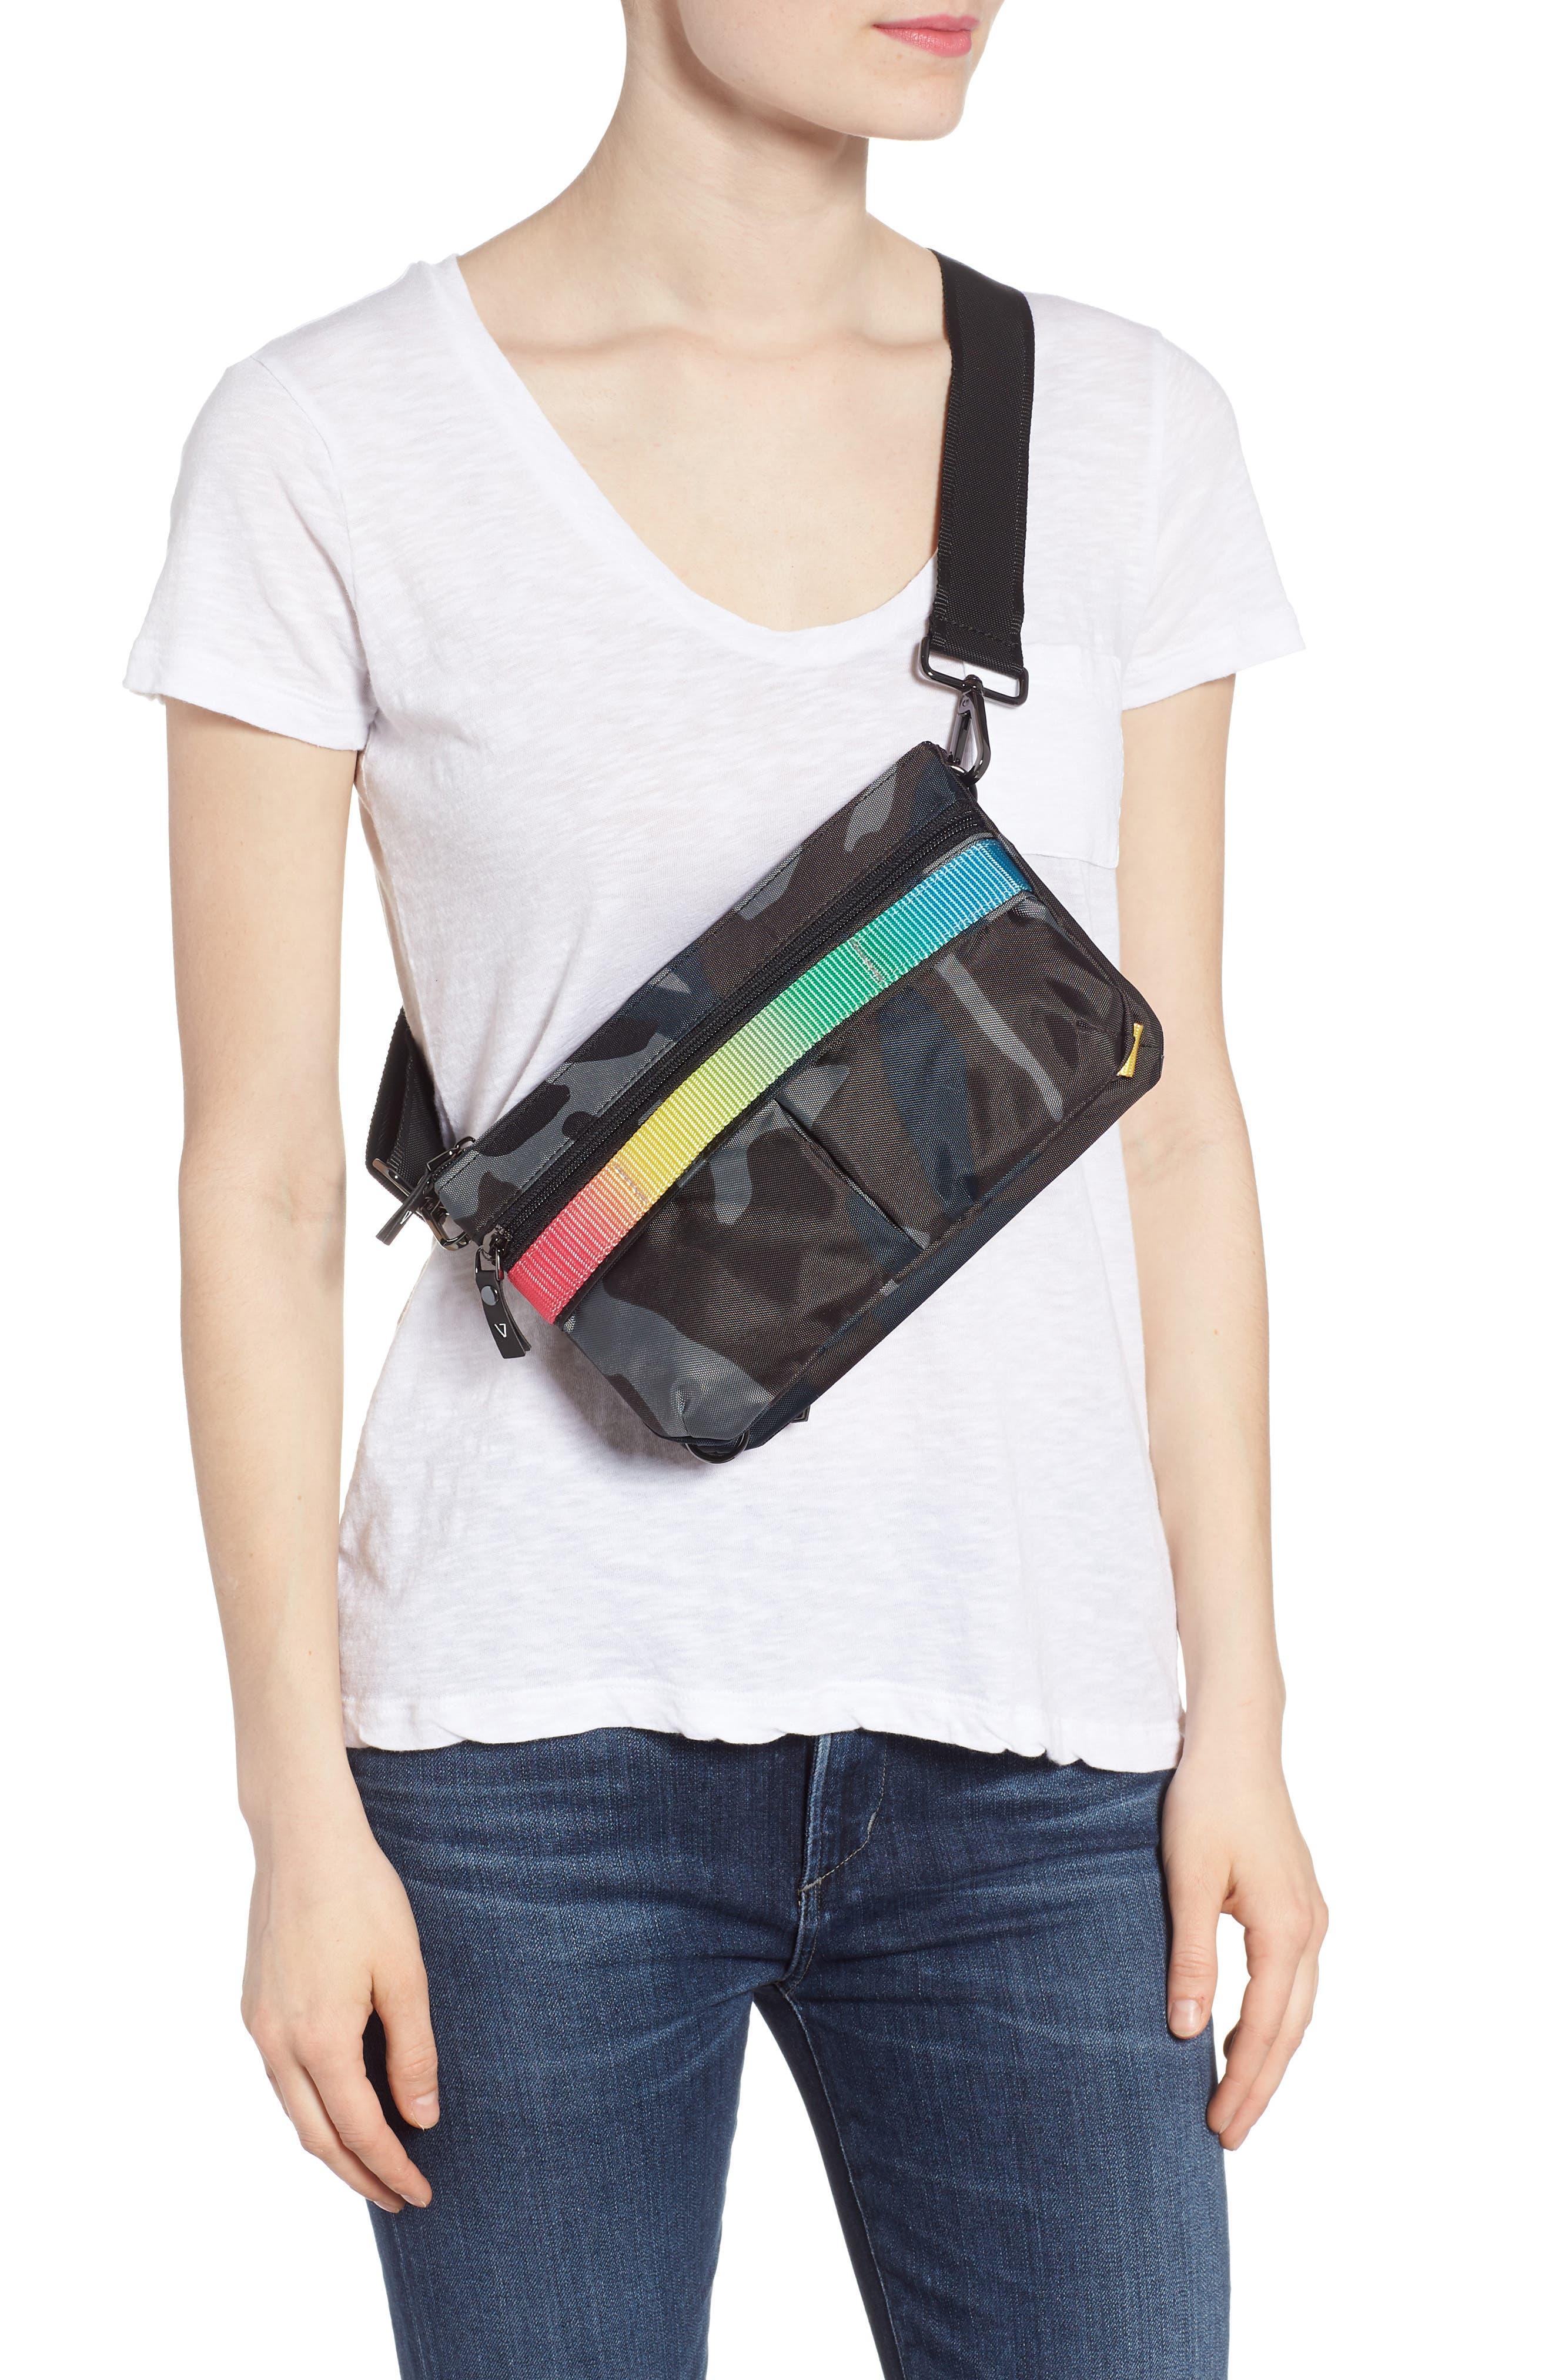 ANDI Crossbody Bags  d4c5c0d45